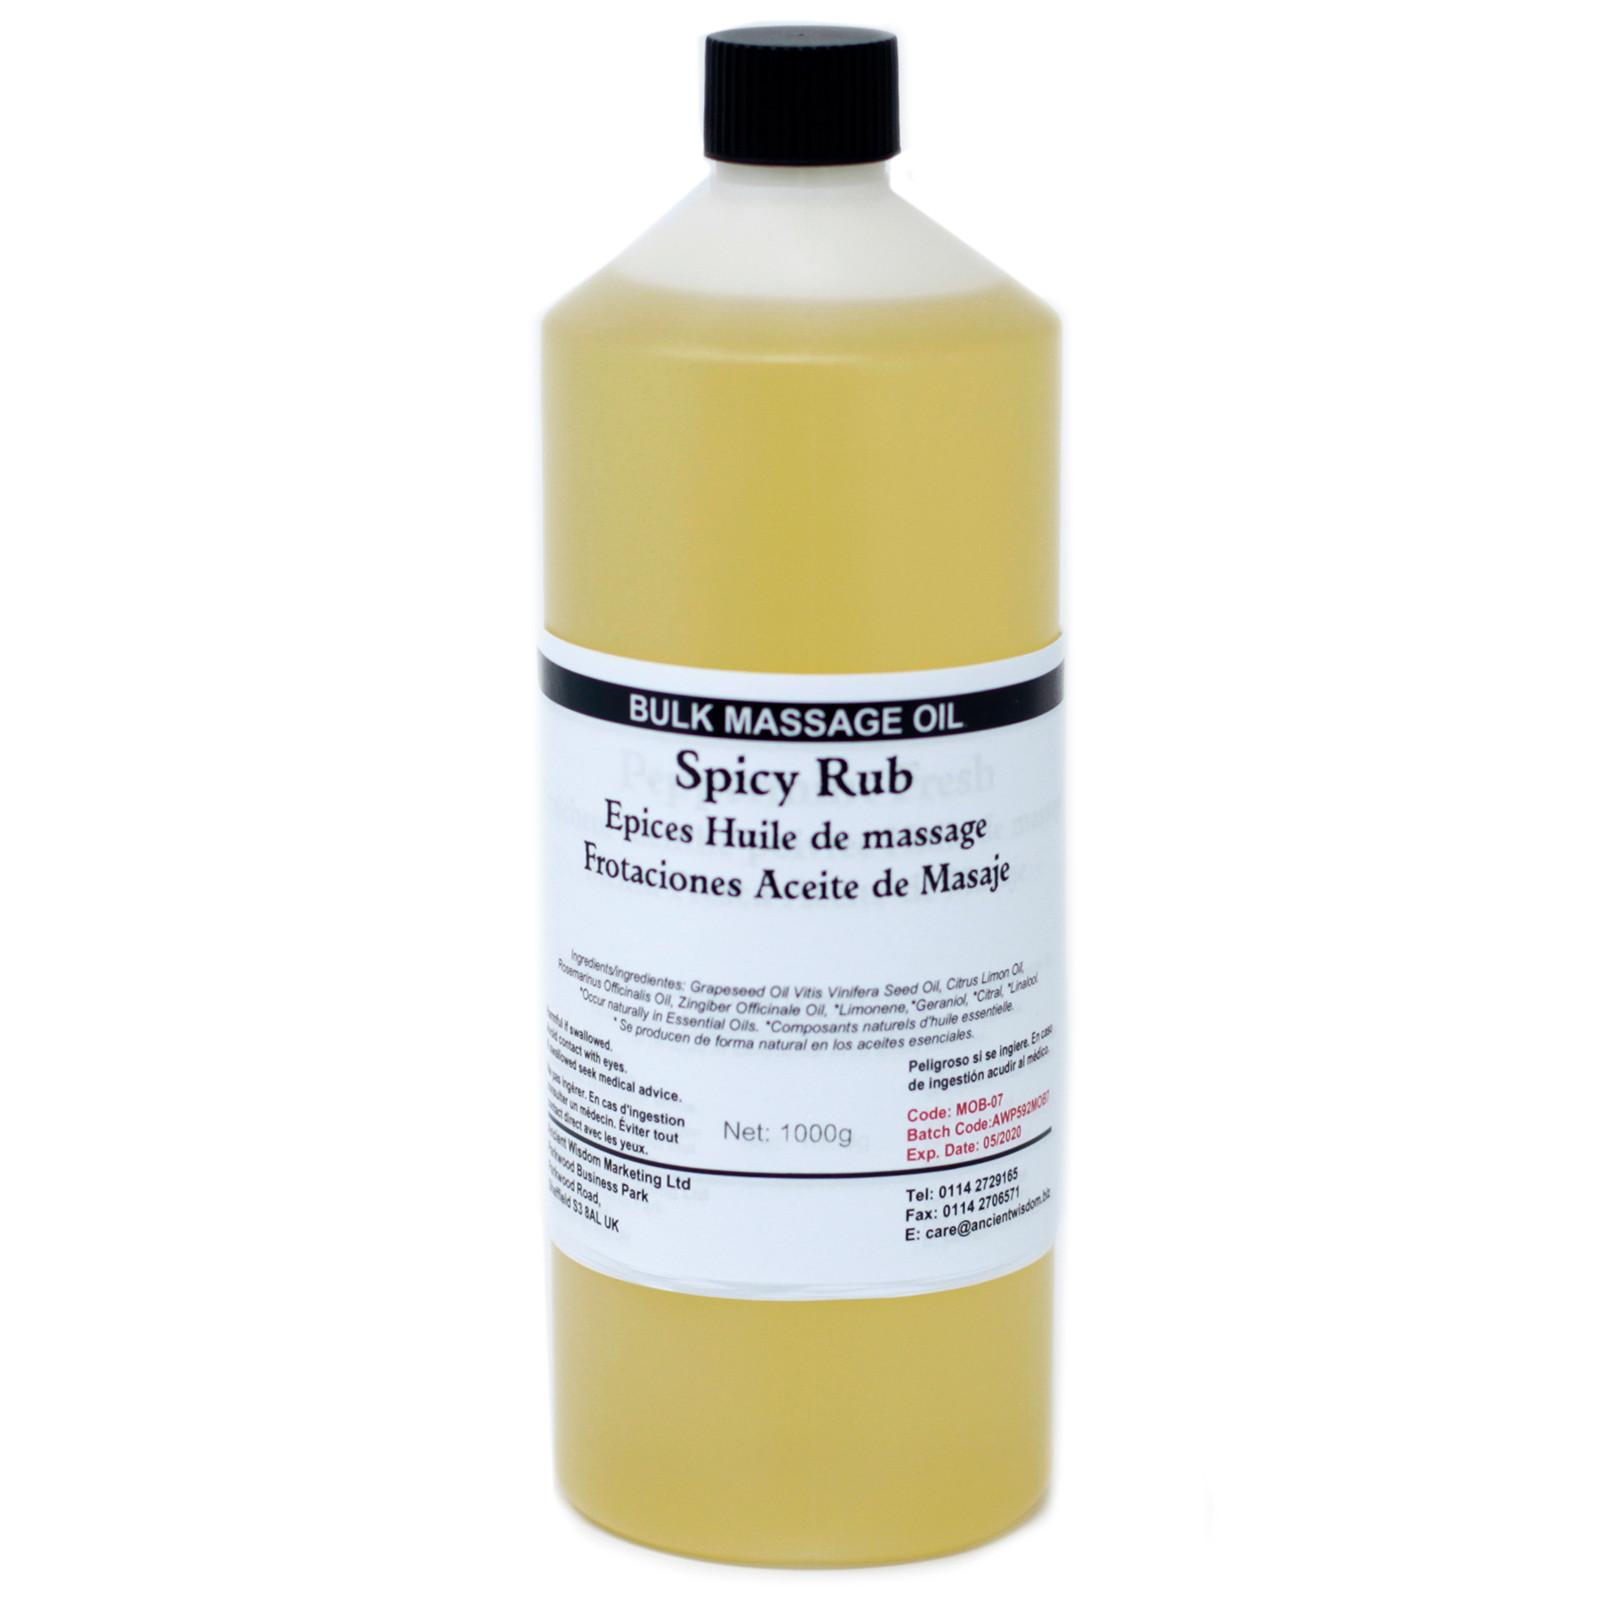 Spicy Rub 1Kg Massage Oil